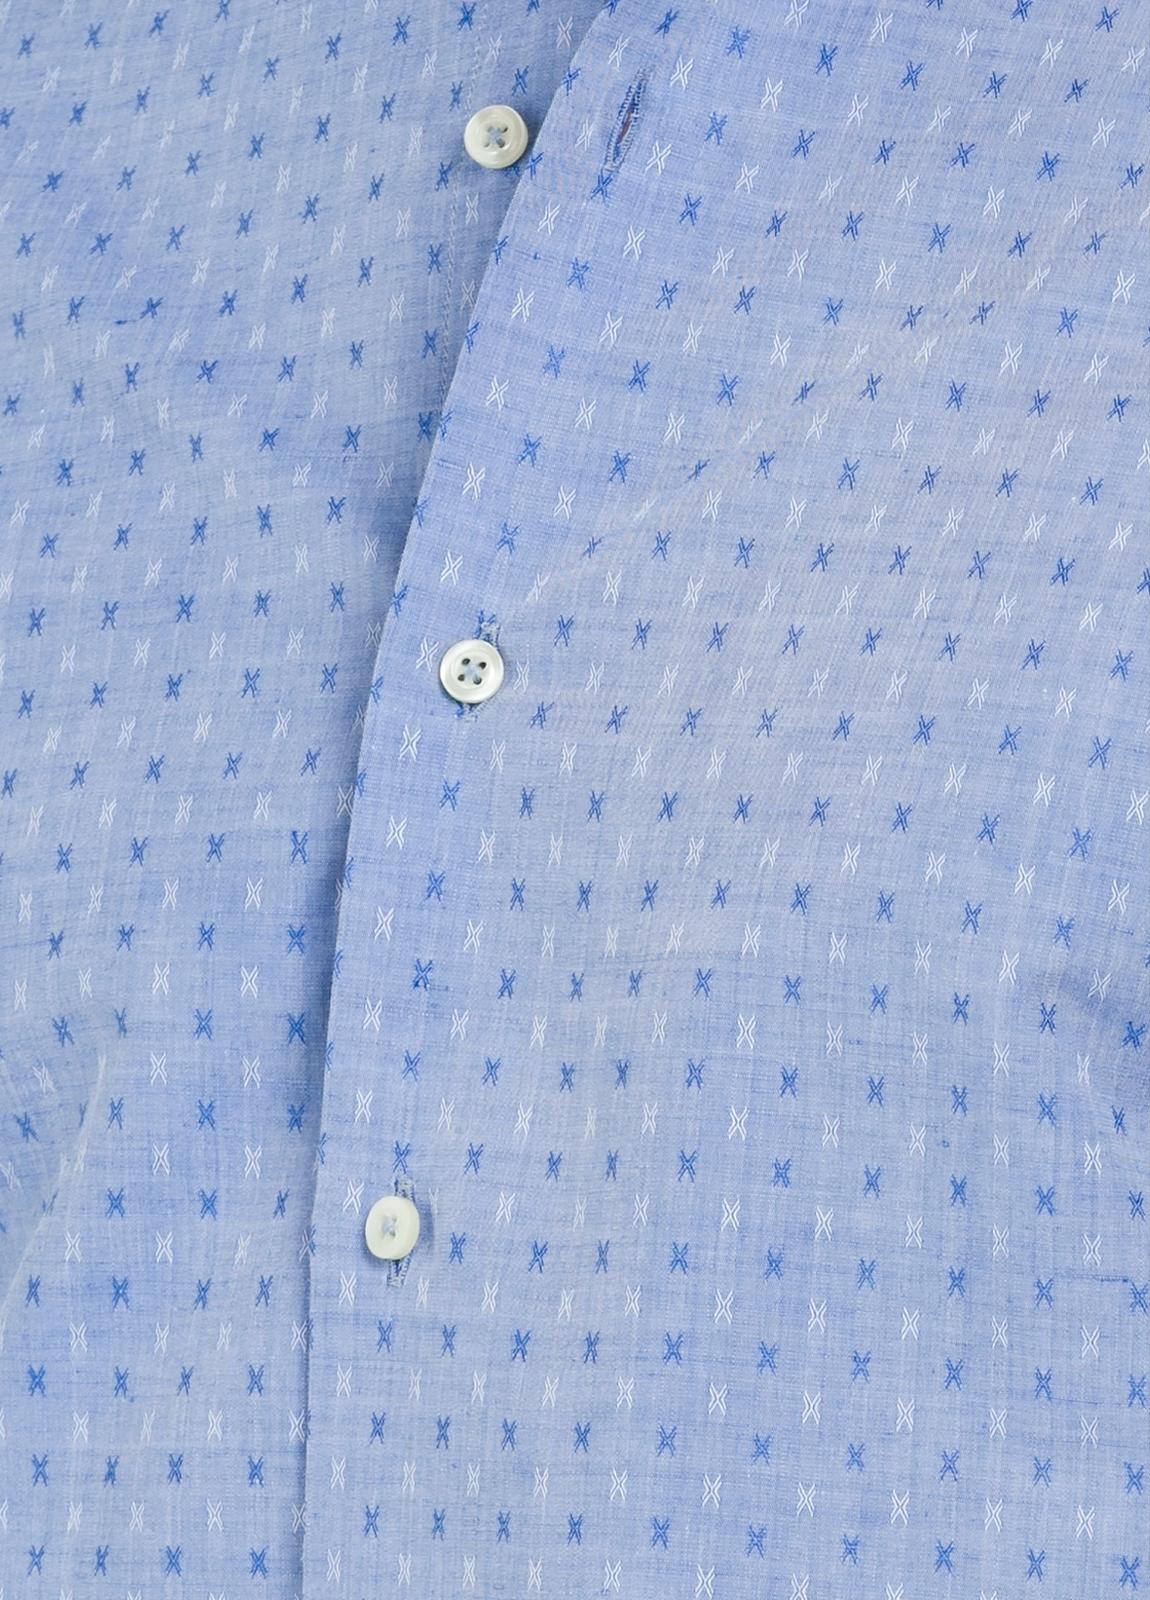 Camisa Casual Wear SLIM FIT Modelo PORTO micro dibujo color azul, 100% Algodón. - Ítem1